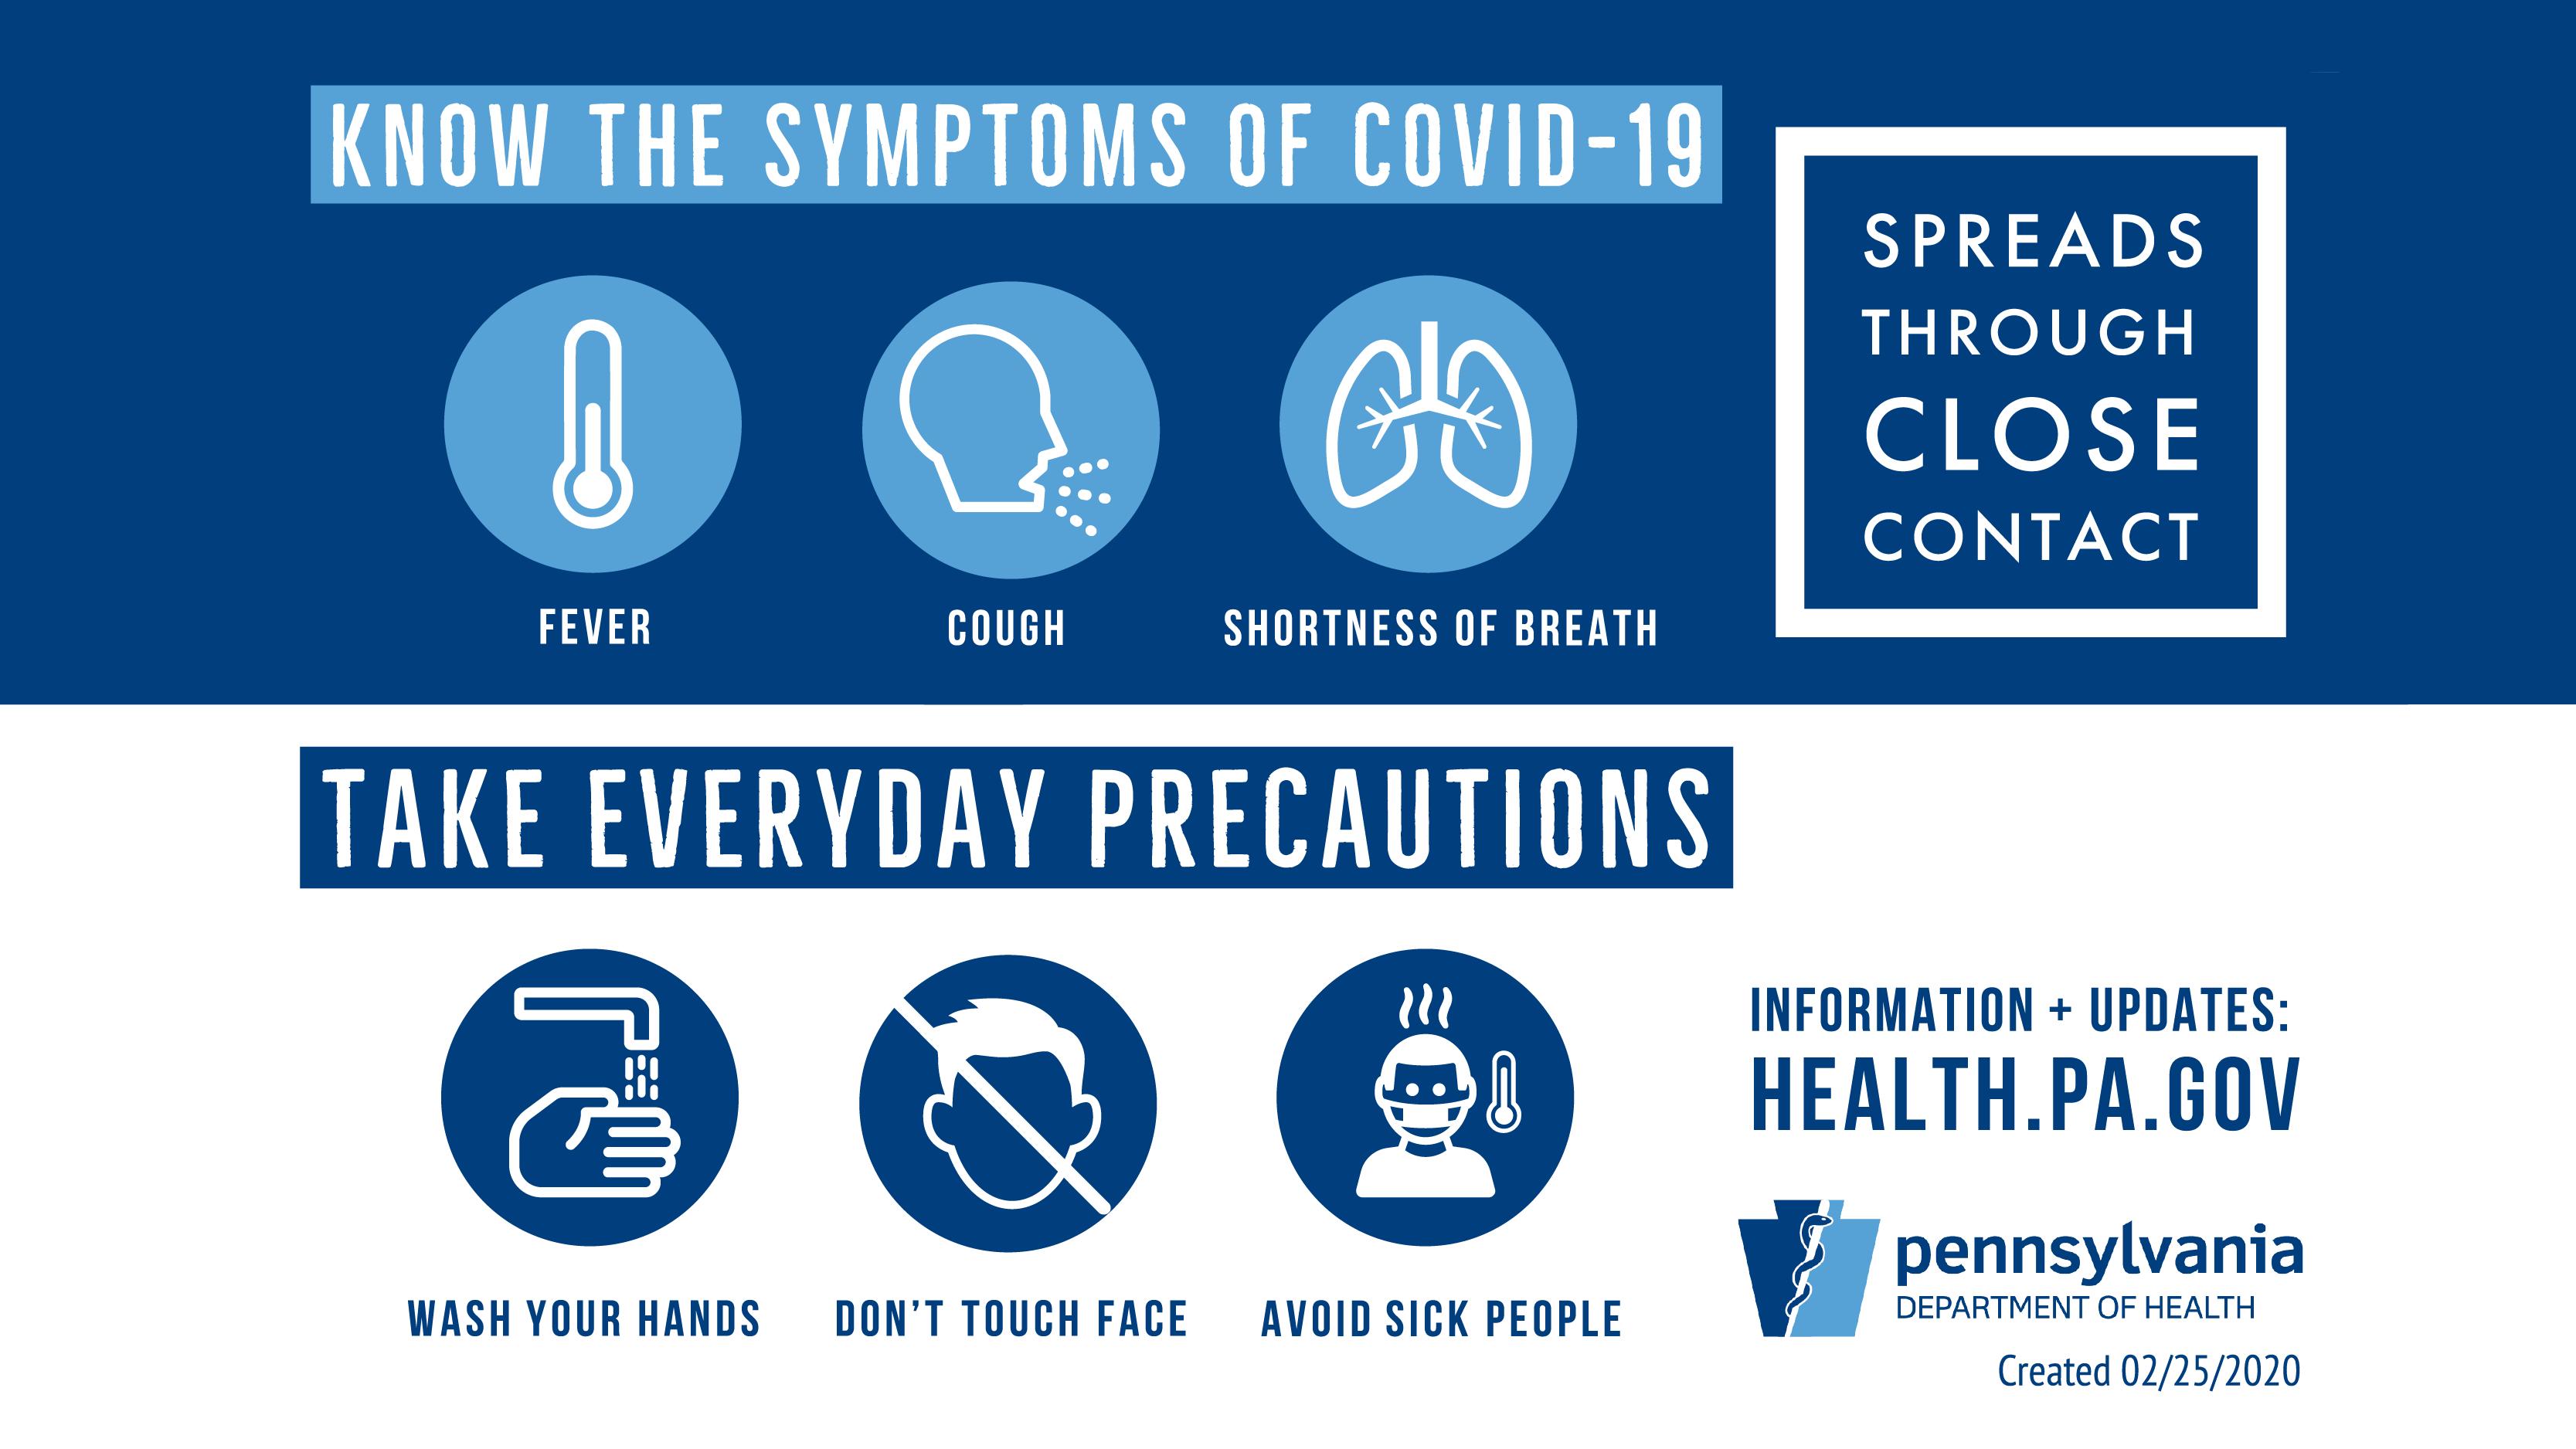 Coronavirus - symptoms and precautions - Twitter